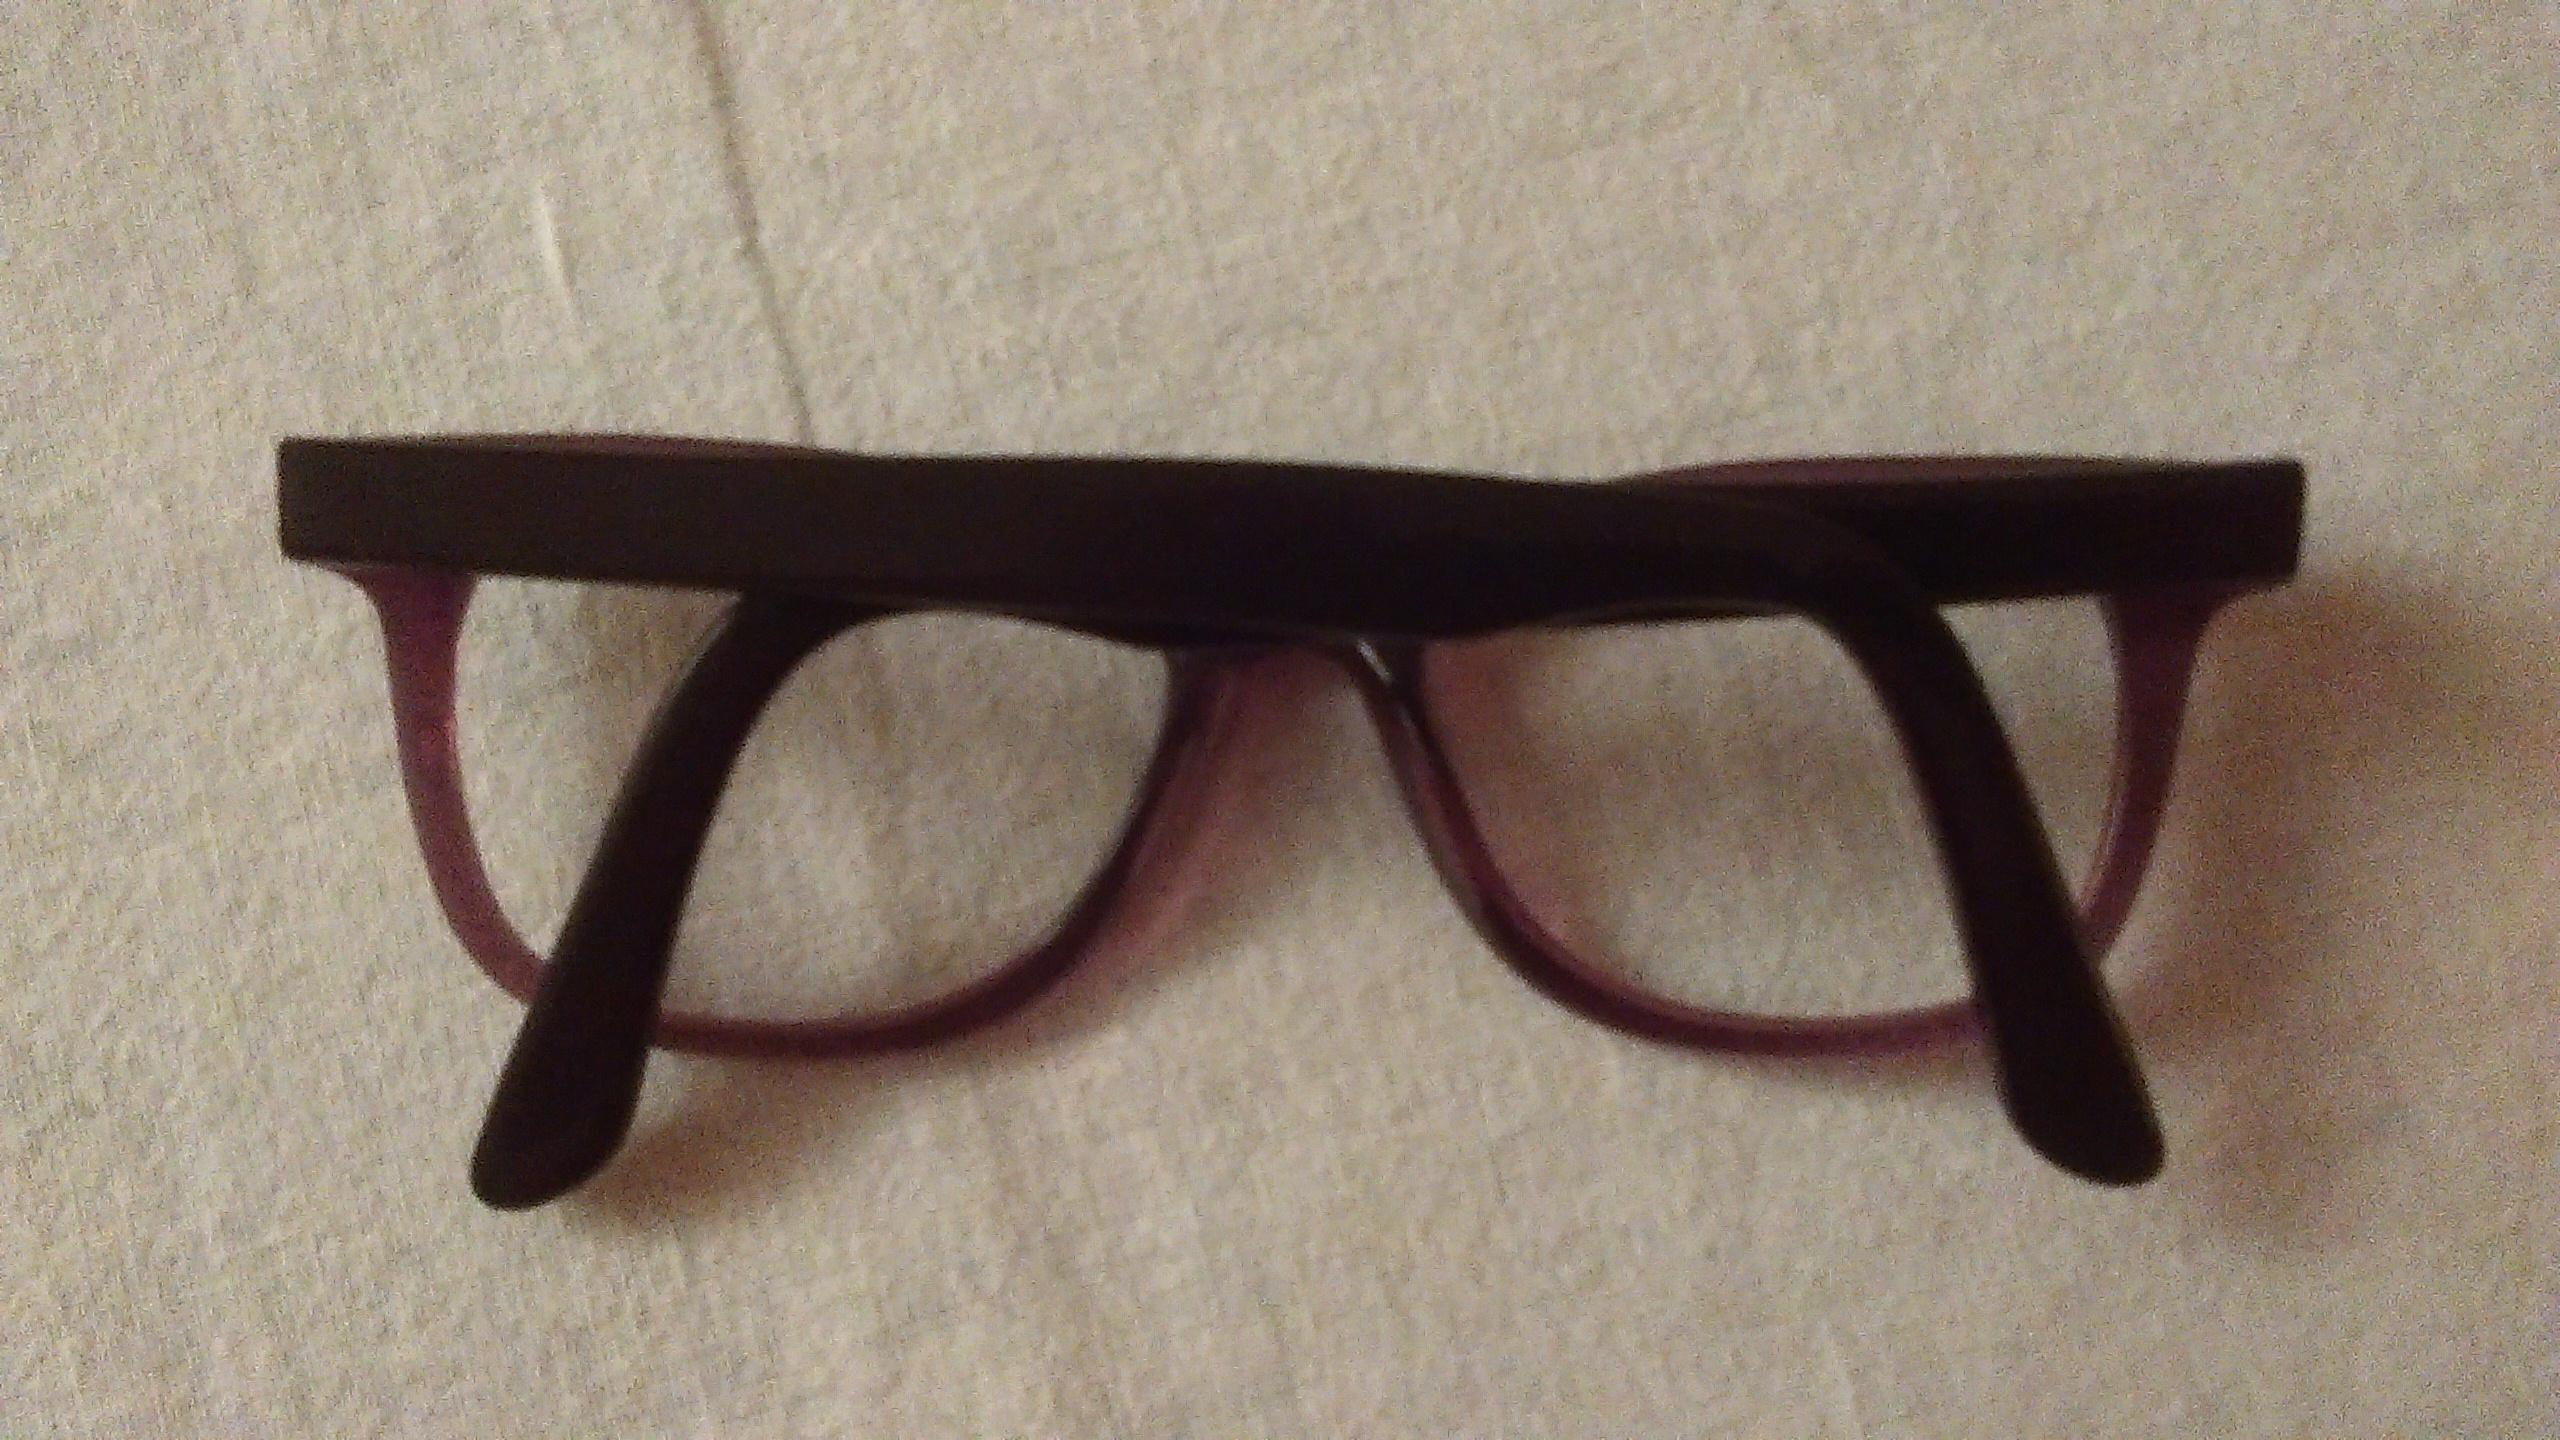 troc de troc montures de lunettes de vue ou soleil. image 1